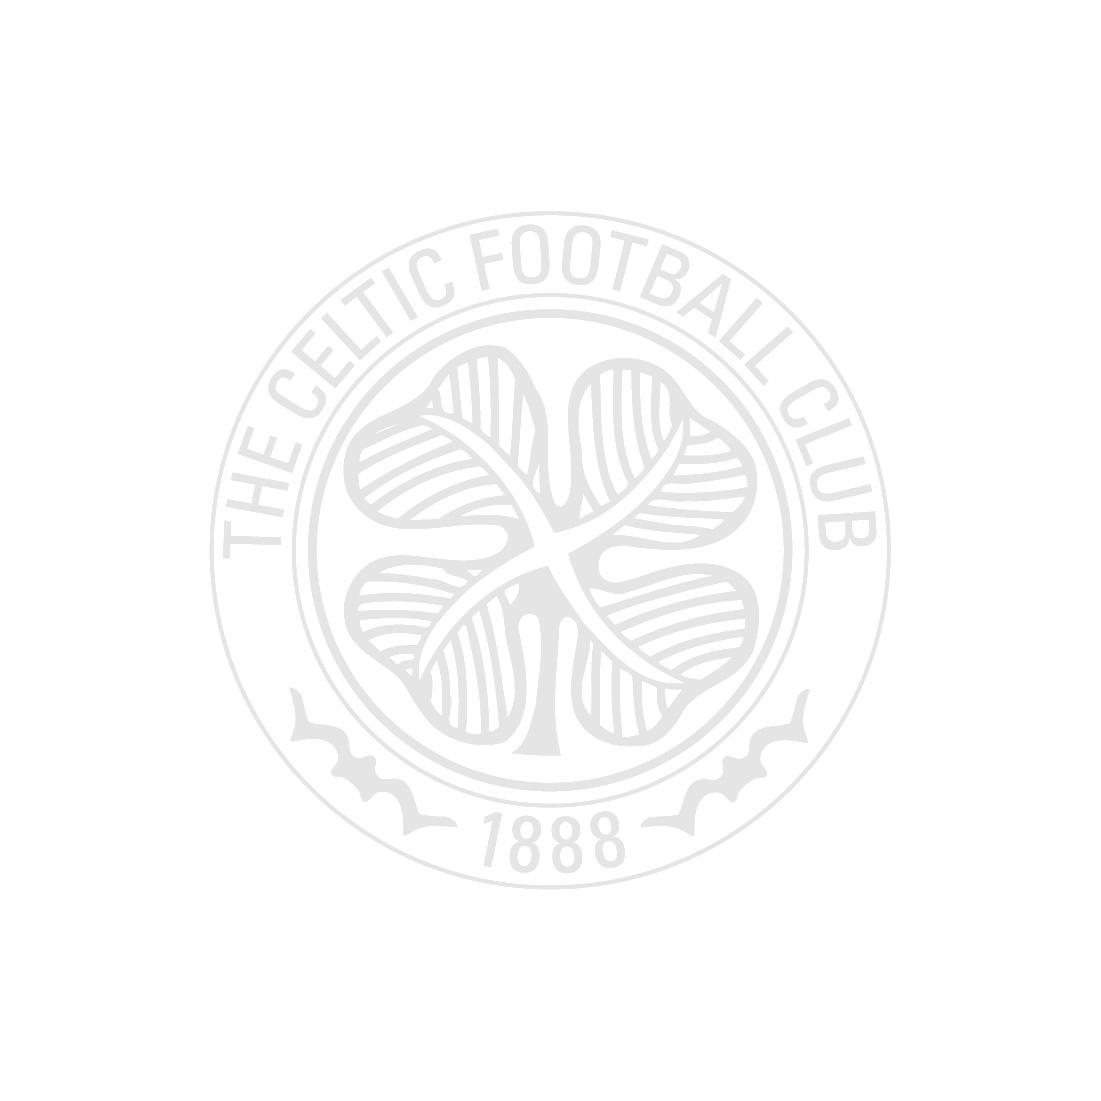 Celtic 1988 Crest Two Pack Glencairn Glass